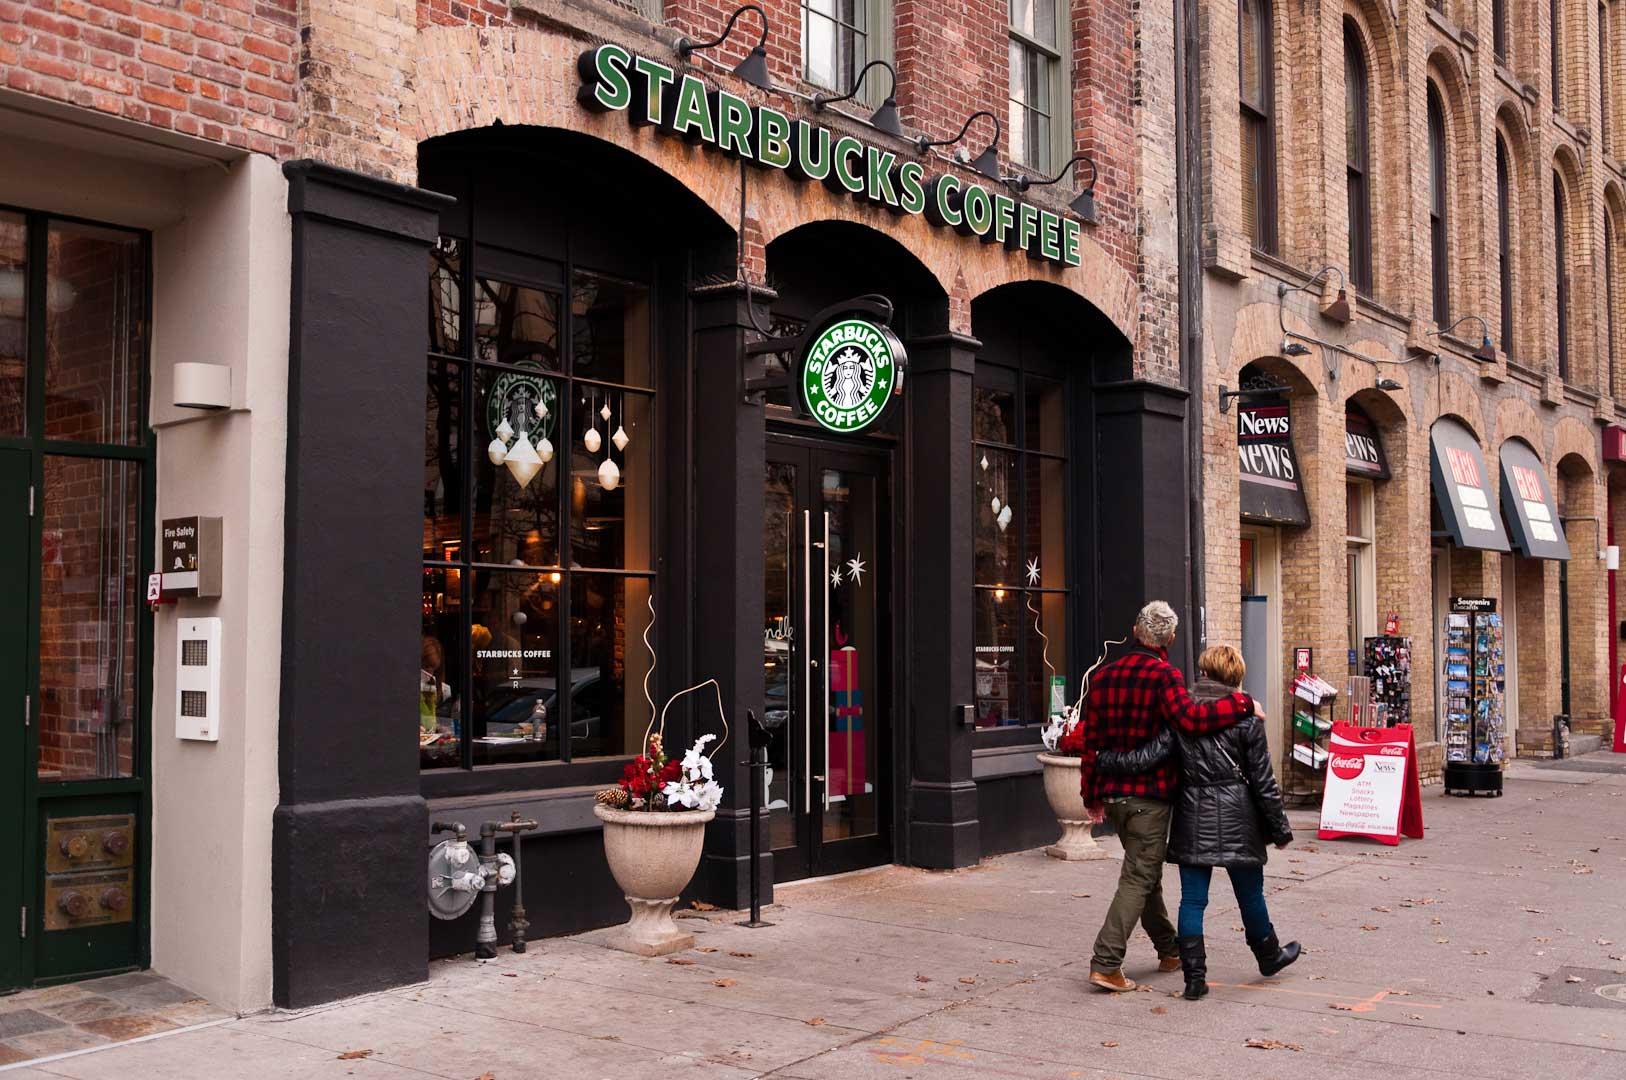 Starbucks Storefront With Hidden Automatic Door Opener by Explore1.ca Toronto